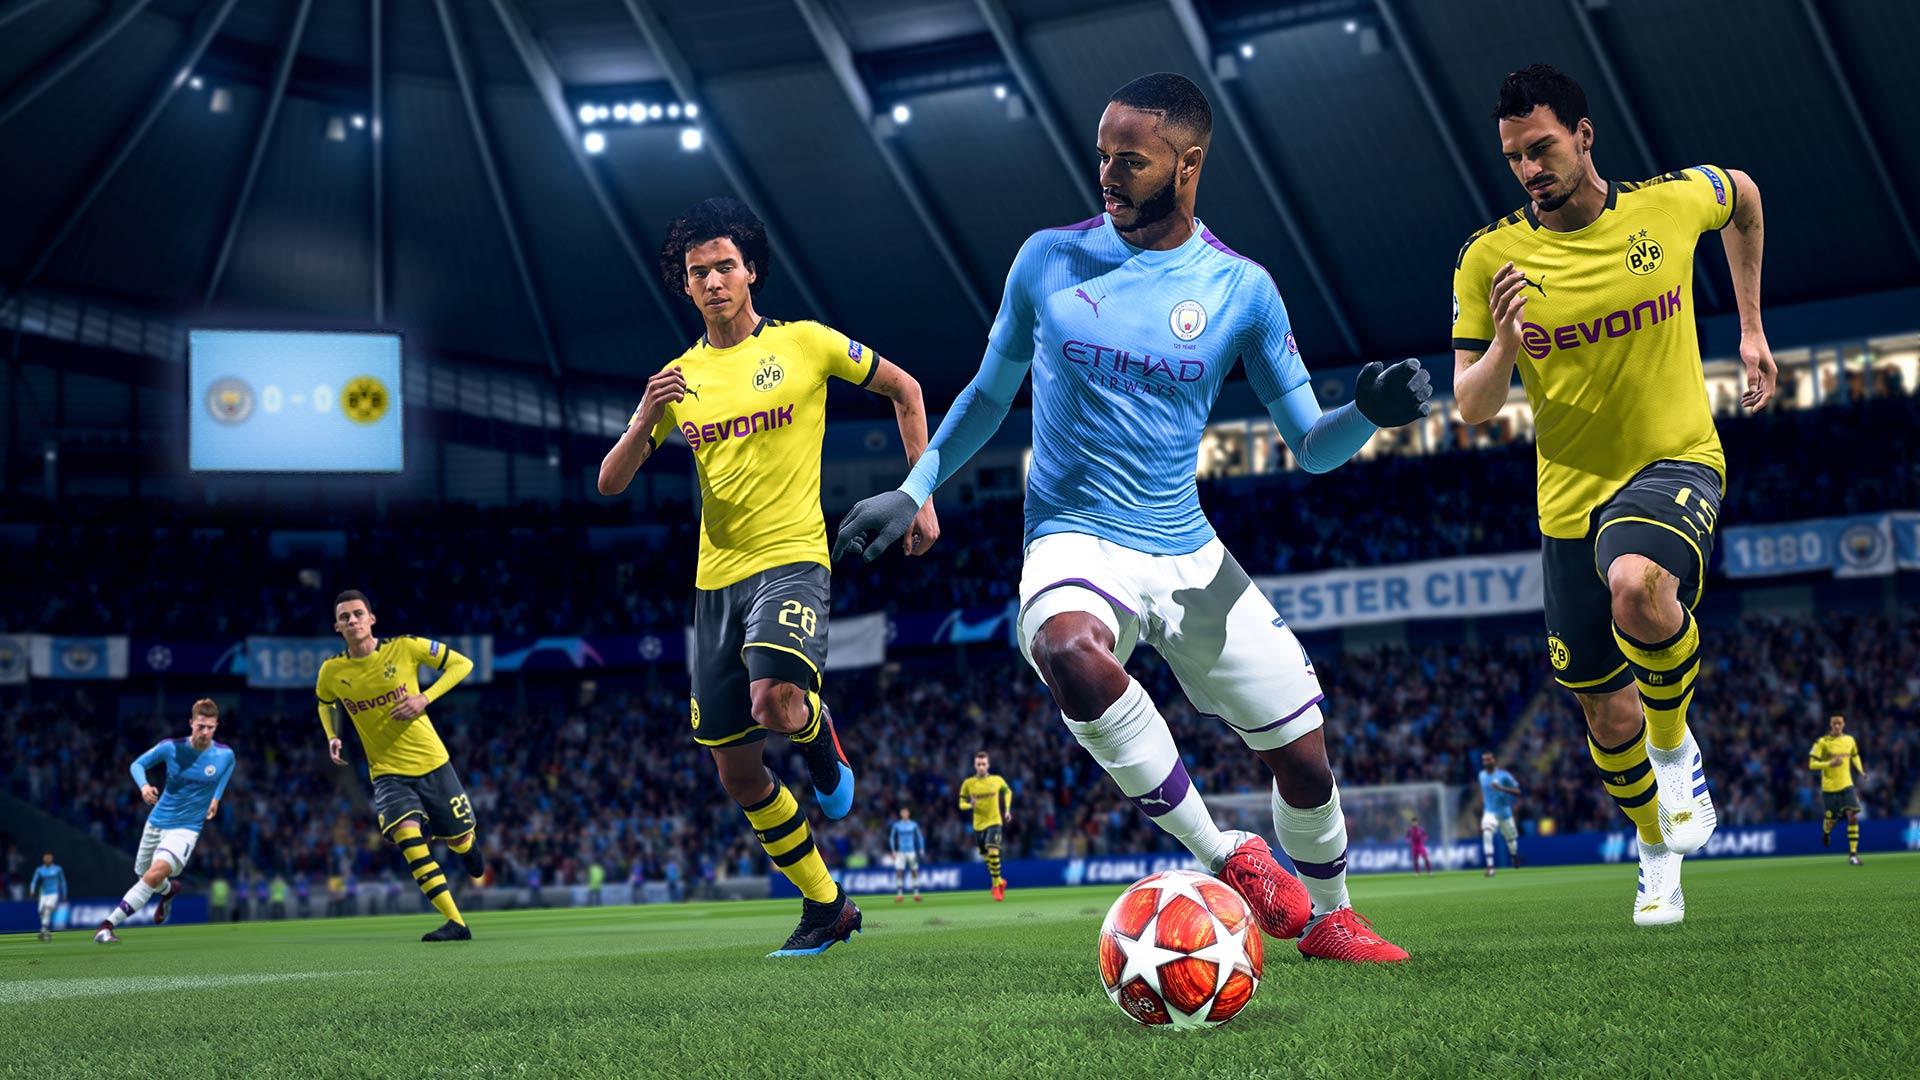 《FIFA 20》玩家数突破1000万 街球模式大受欢迎